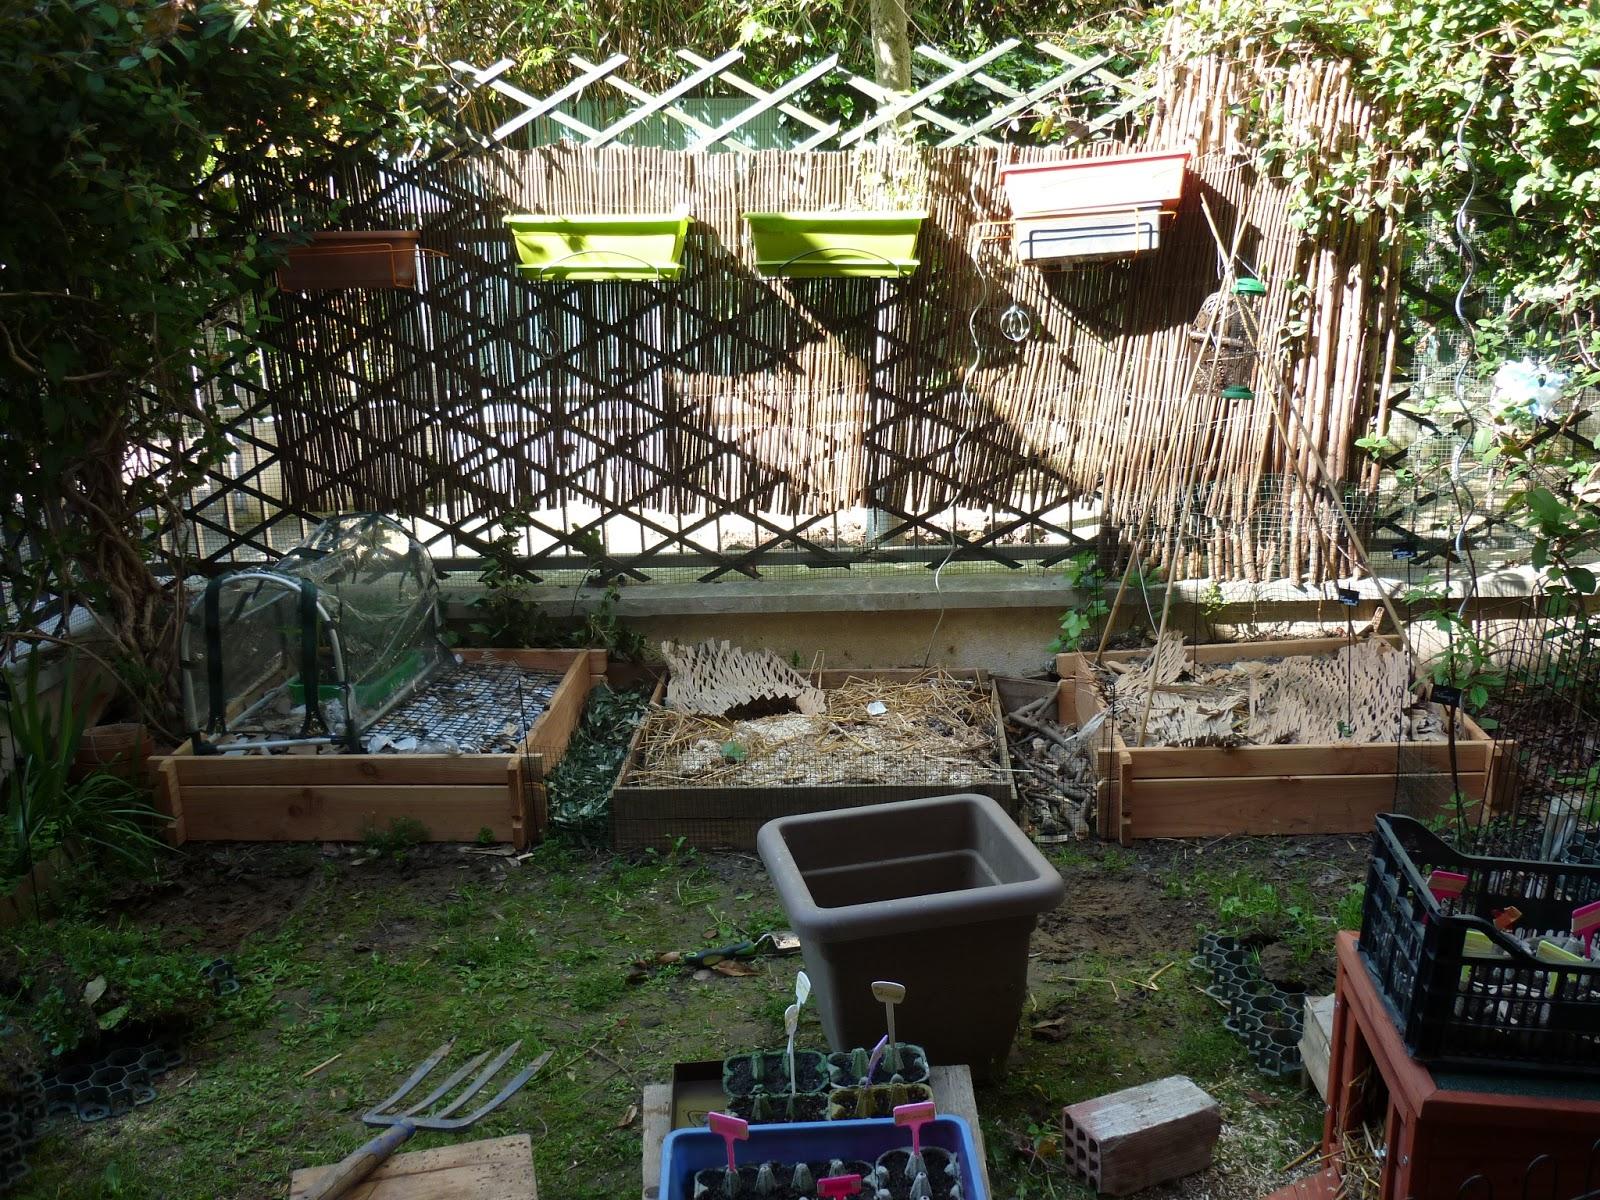 De brique et de brock petit tour du jardin le 9 avril - Petit jardin culinary arts tours ...